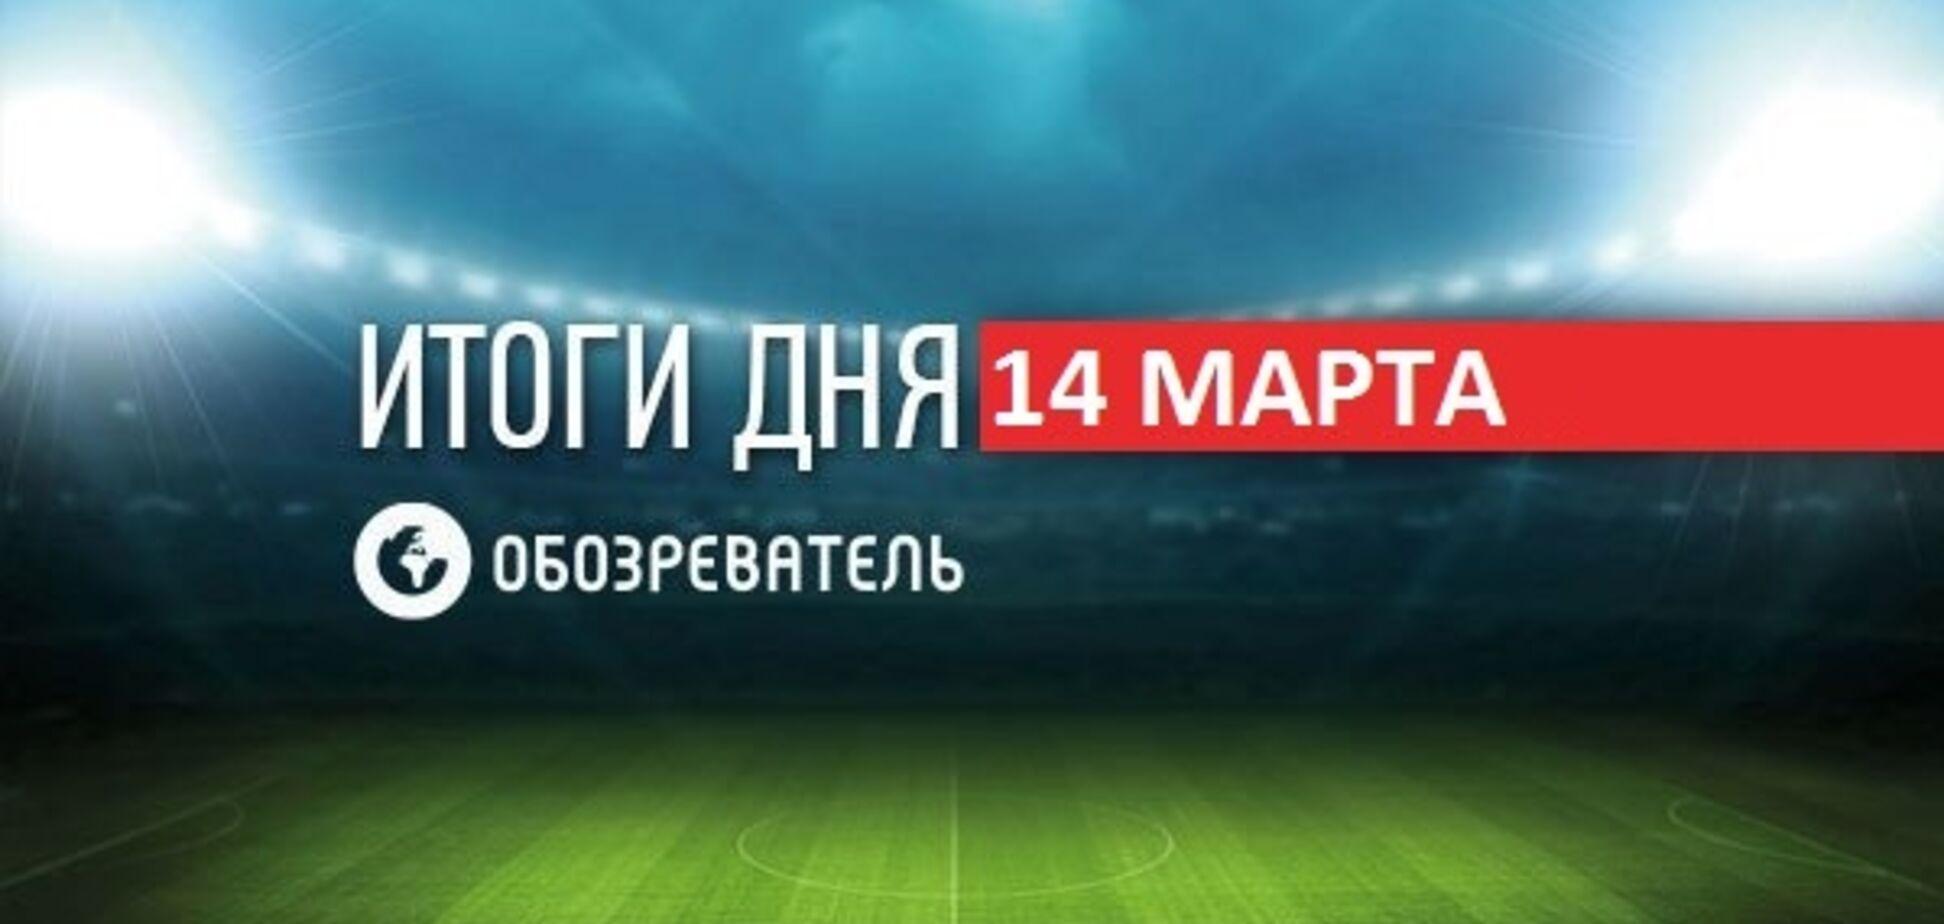 Команда Поветкина попалась на лжи: спортивные итоги 14 марта